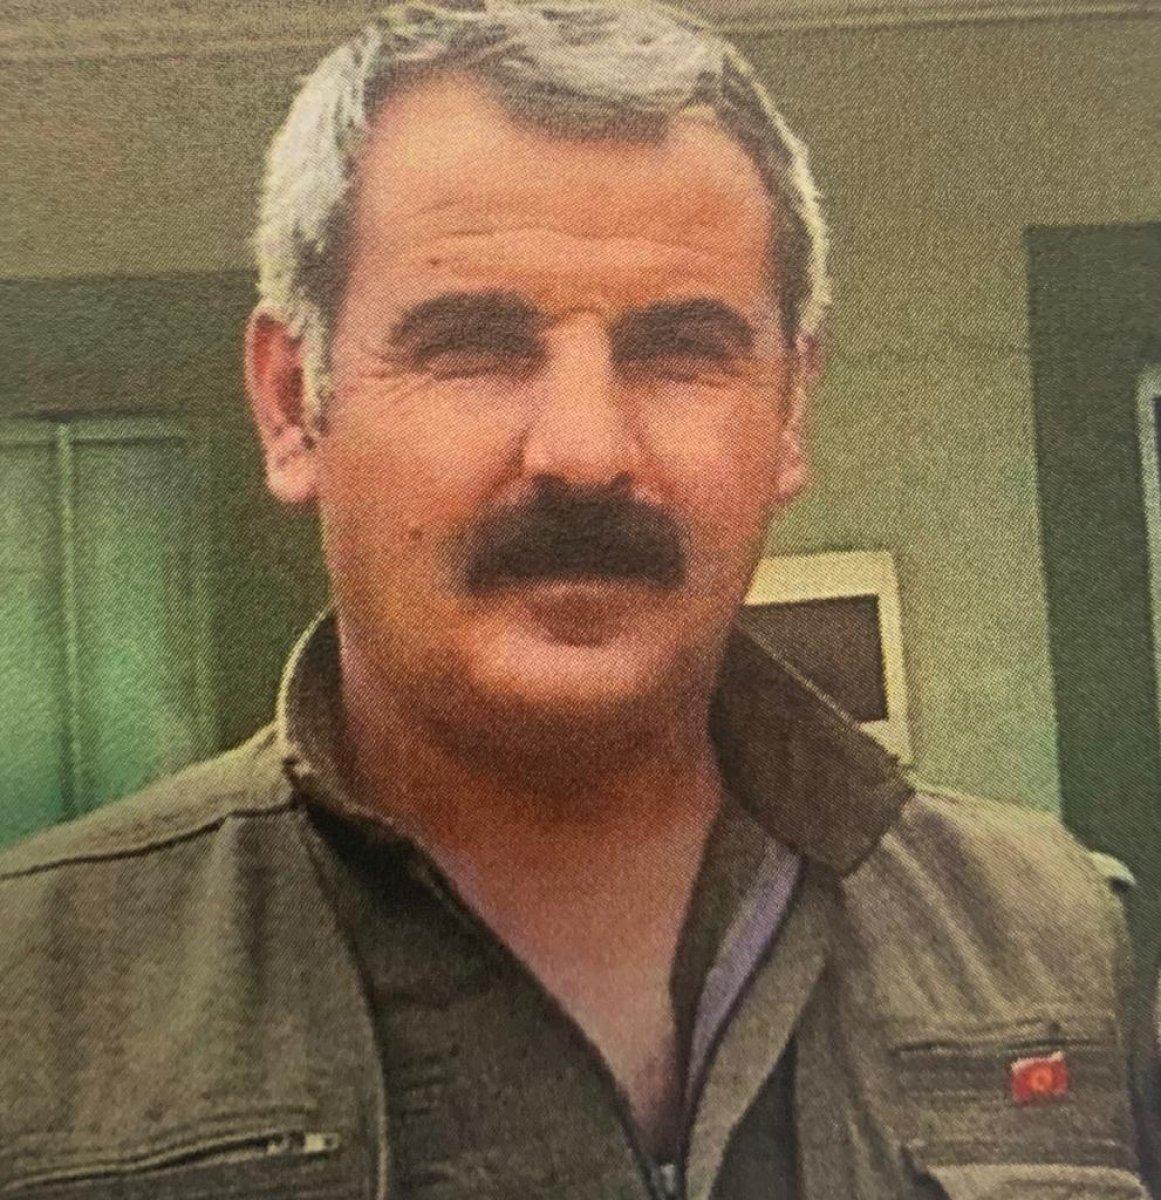 PKK nın üst düzey sorumlularından Fuat Zengin öldürüldü #1